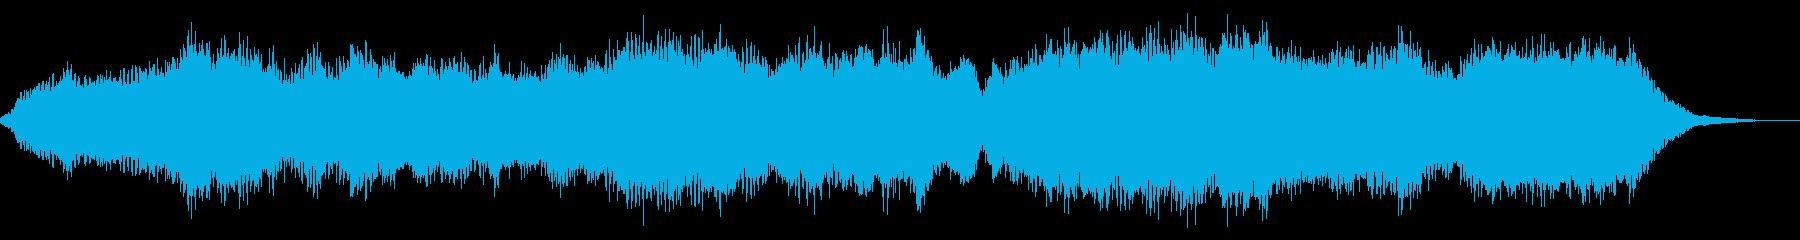 雄大で浮遊感のある電子アンビエントの再生済みの波形